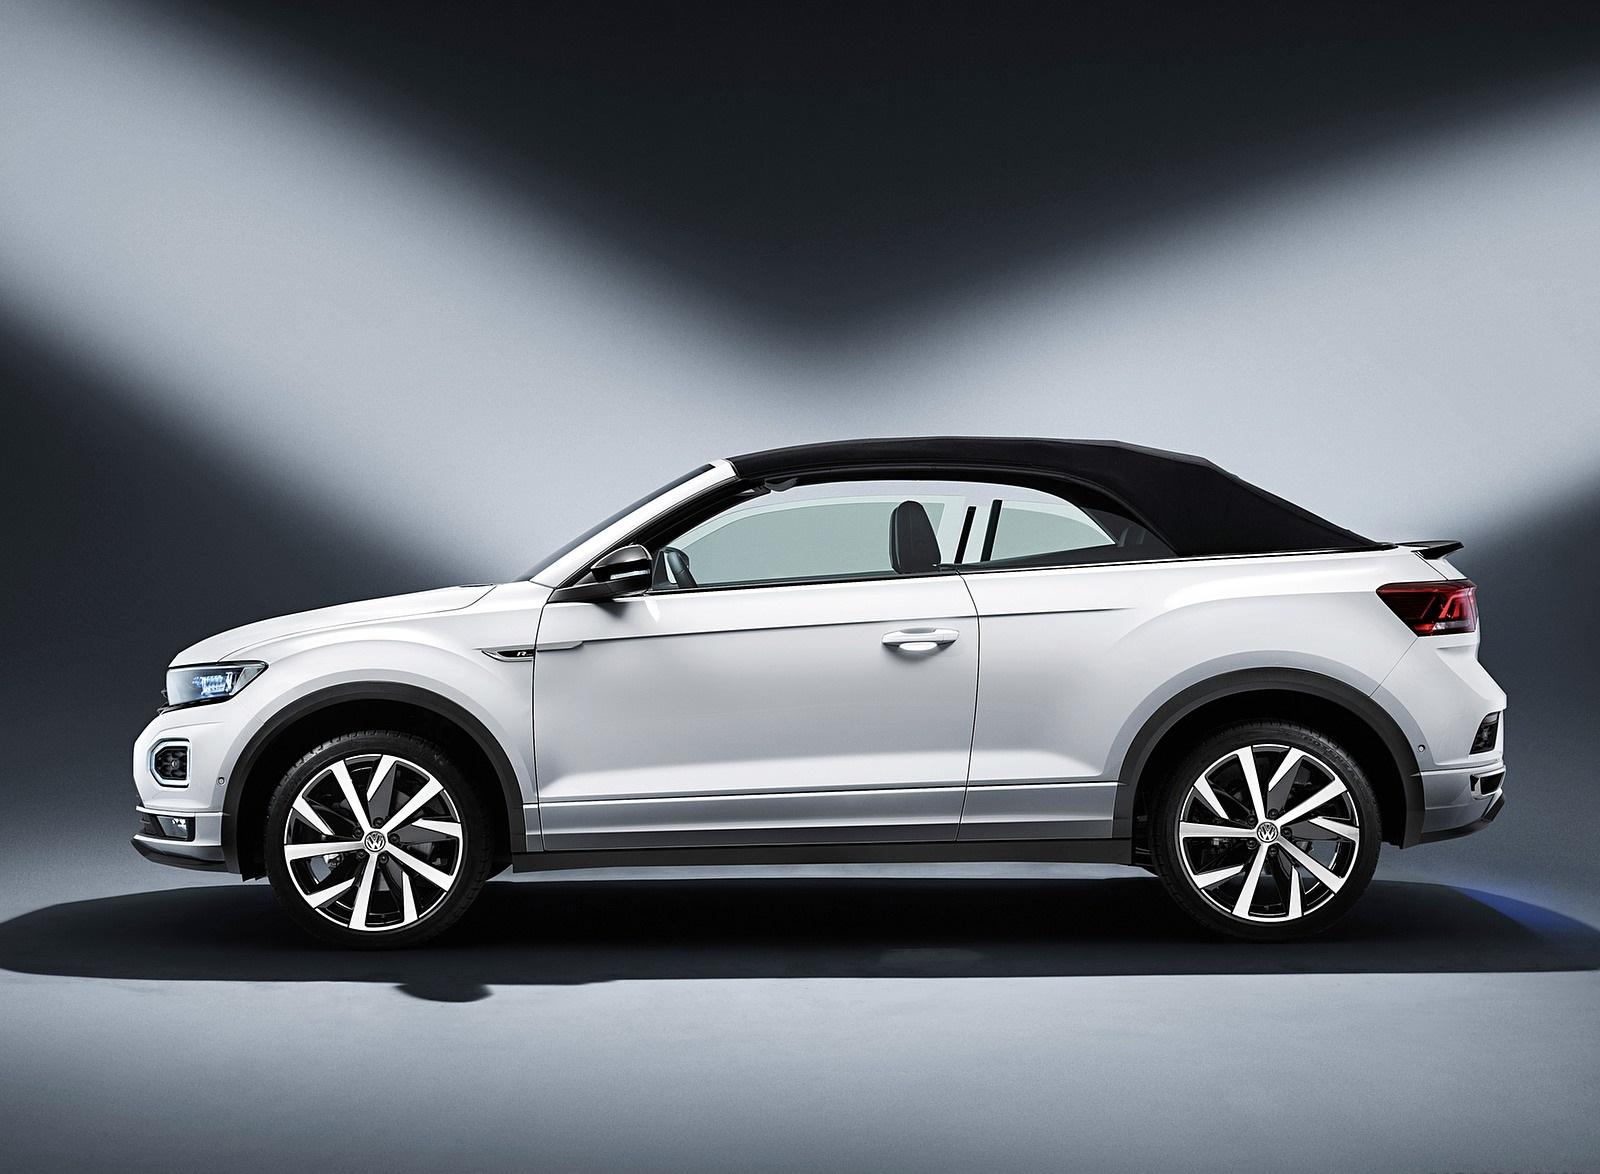 2020 Volkswagen T-Roc Cabriolet Side Wallpapers (11)